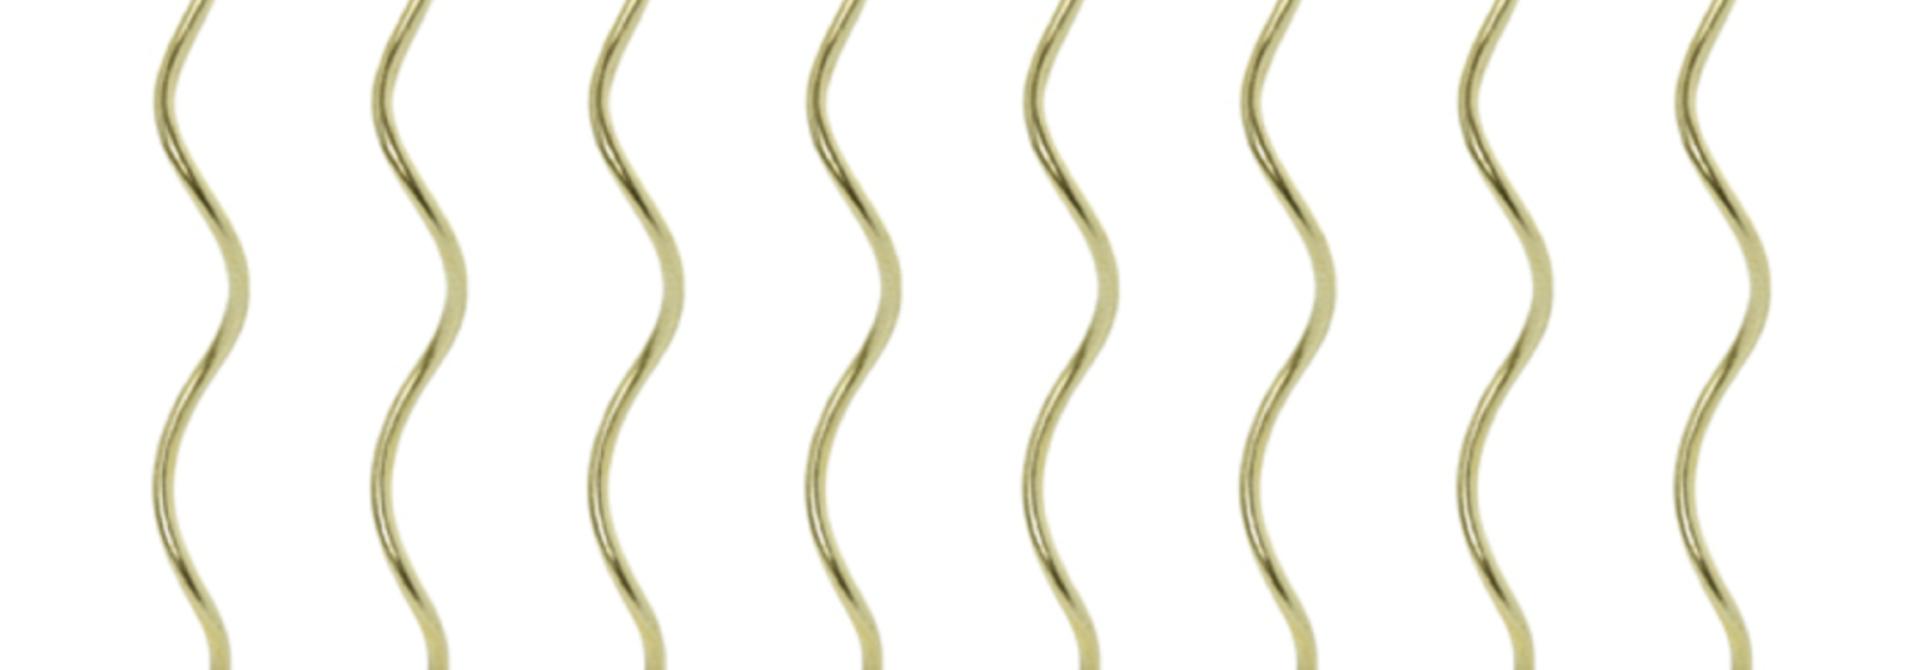 Taartkaarsen twisted goud (8st)